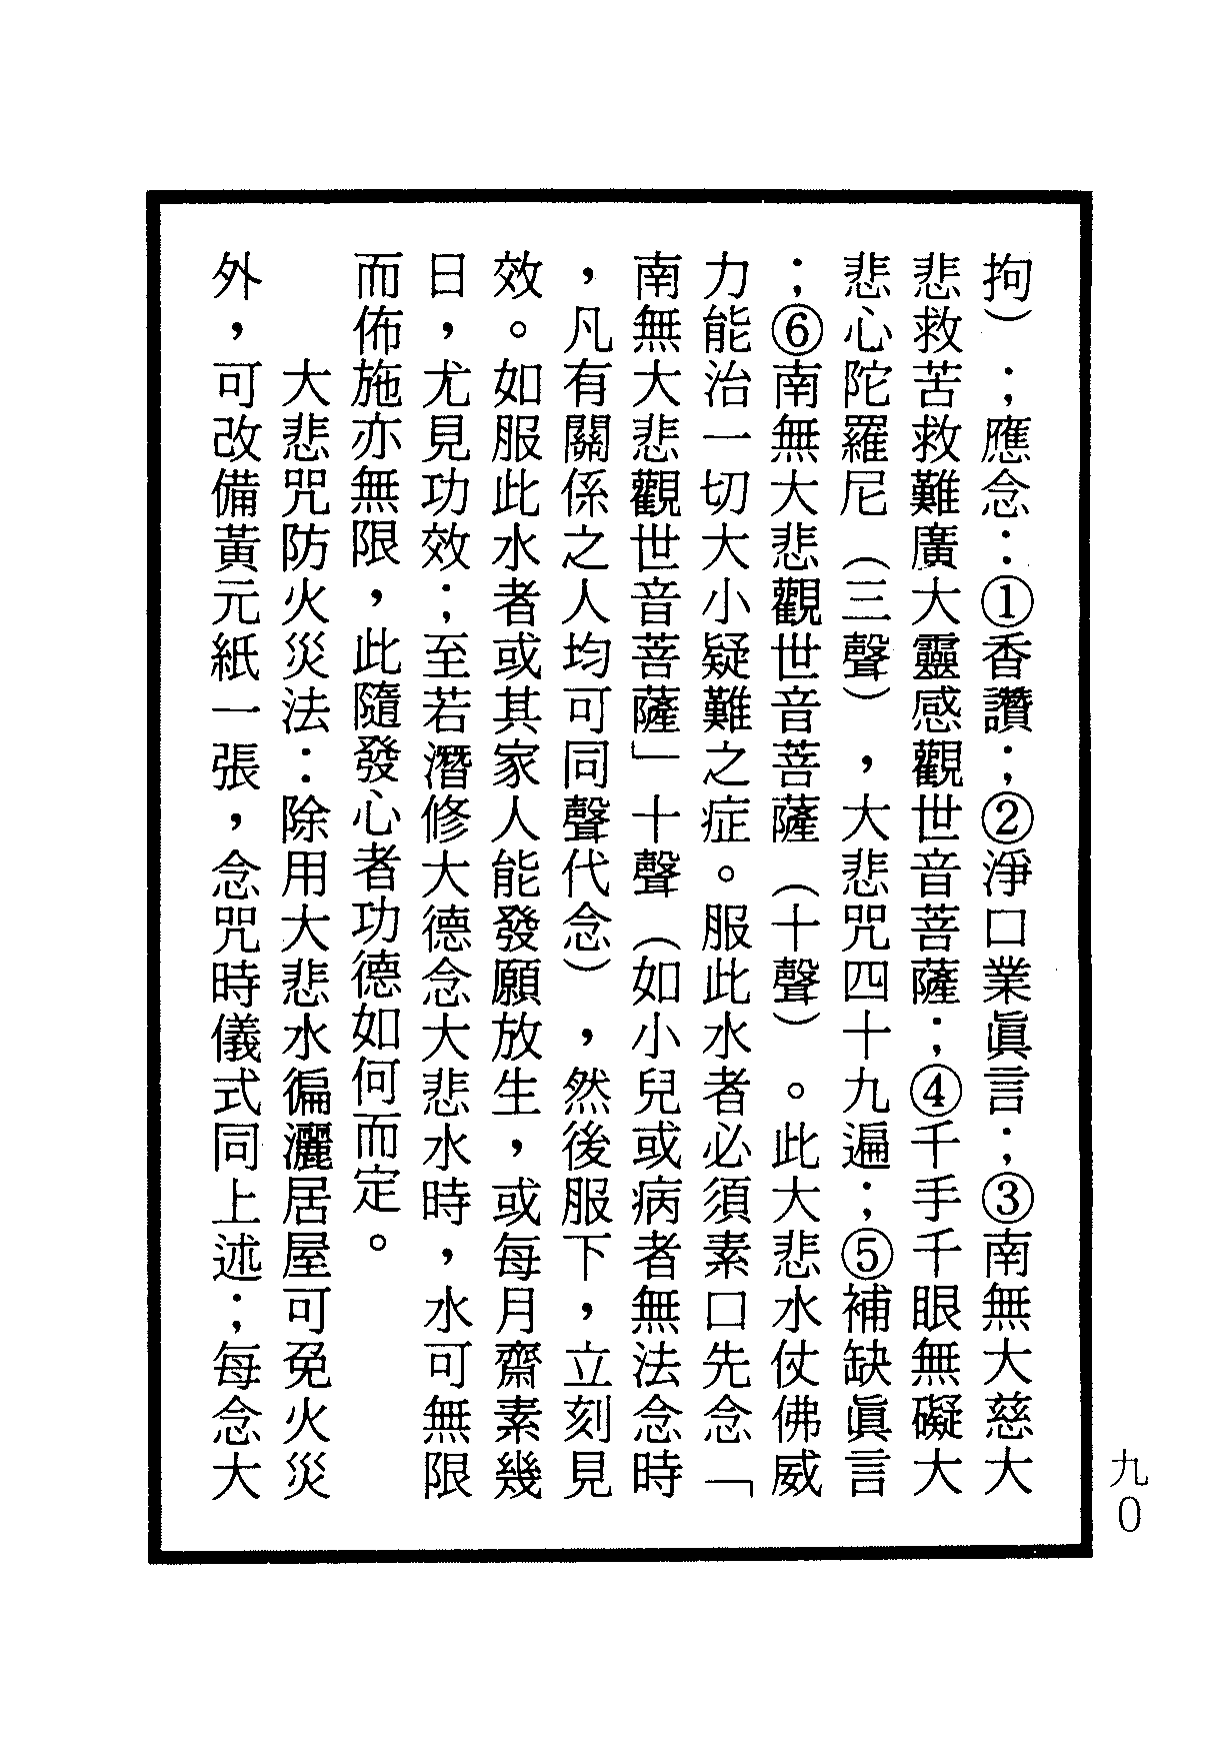 楞嚴咒-大悲咒-十小咒-易背本 96.png